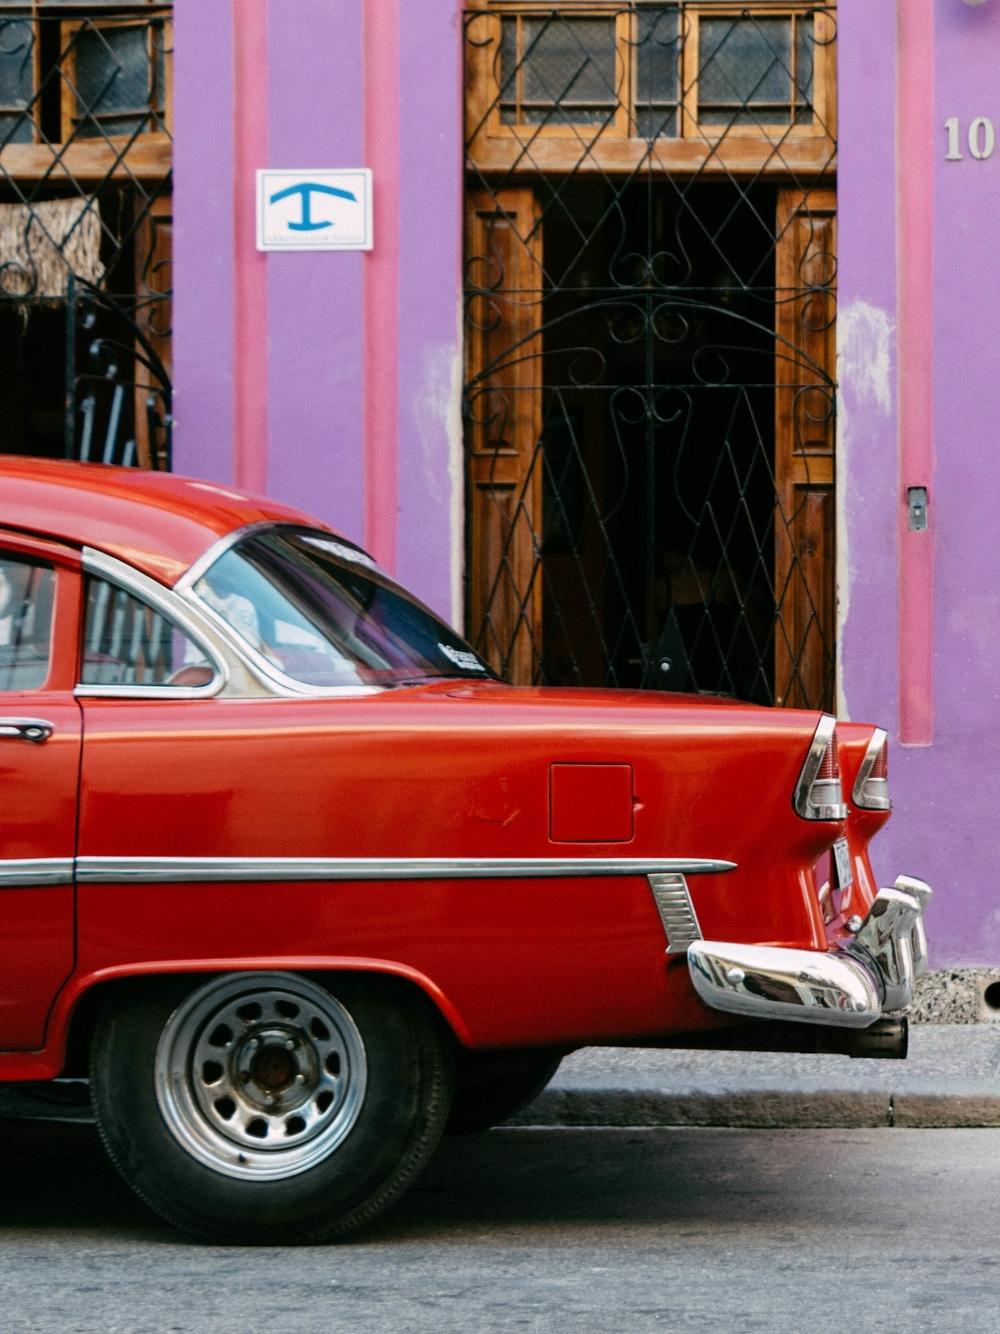 Habana_Centro_Streetview_1.jpg